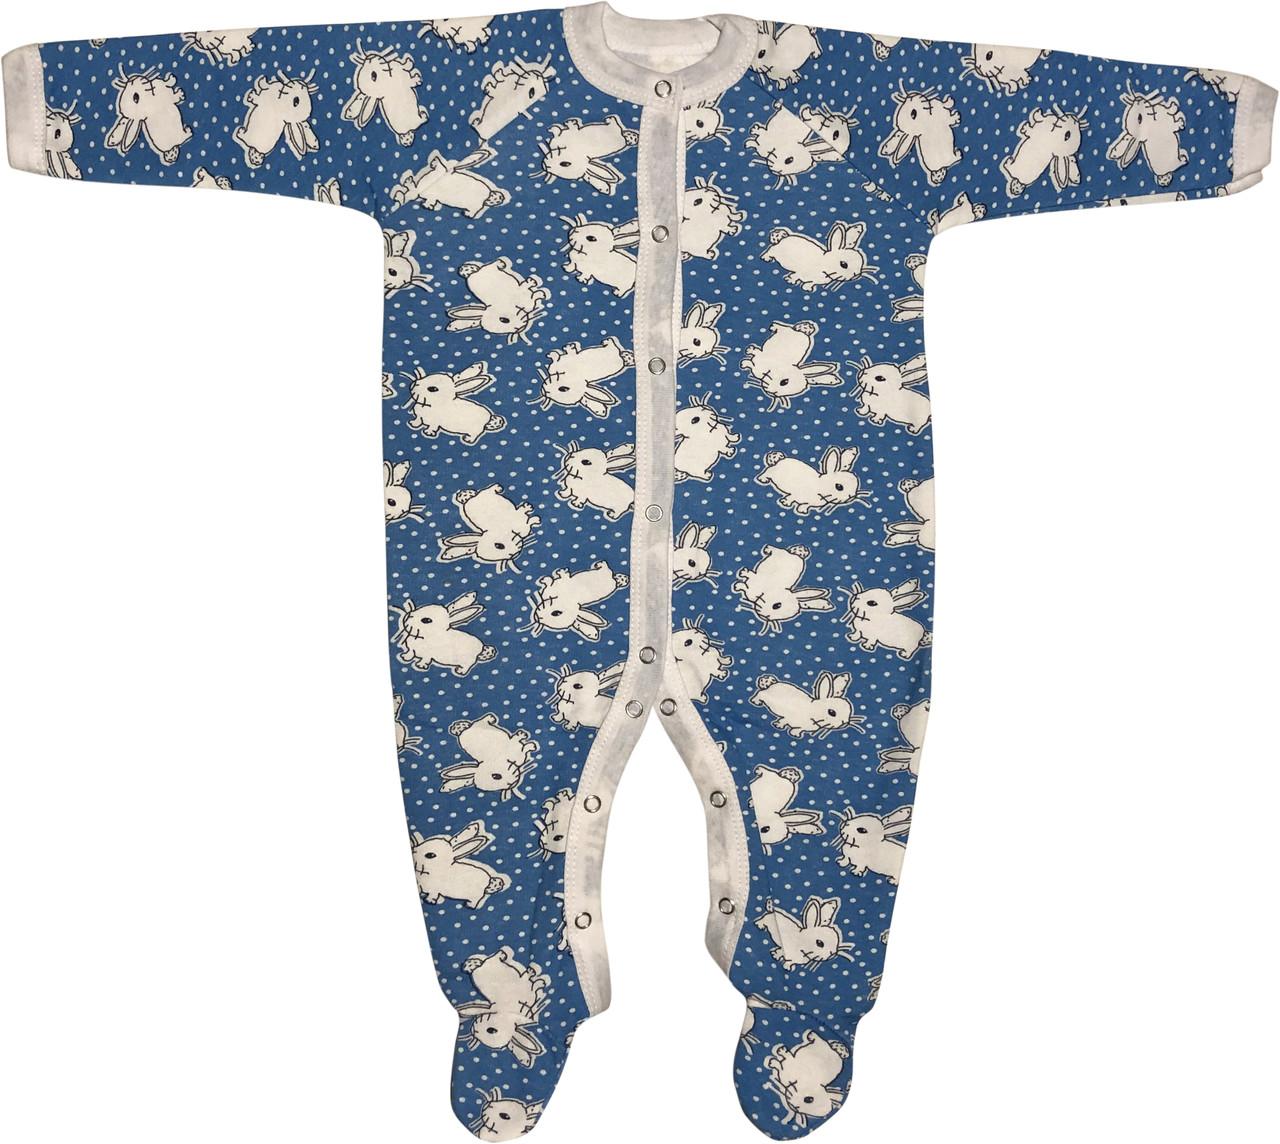 Тёплый человечек слип с начёсом на мальчика рост 68 3-6 мес для новорожденных хлопковый футер детский голубой